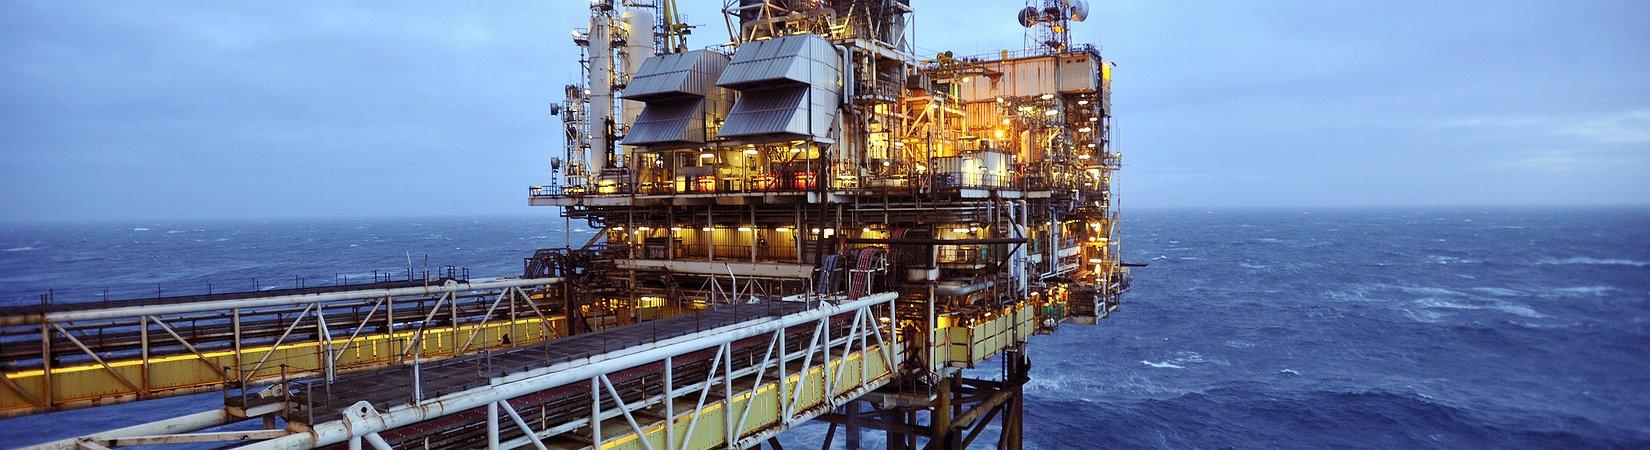 BP triples Q1 profit